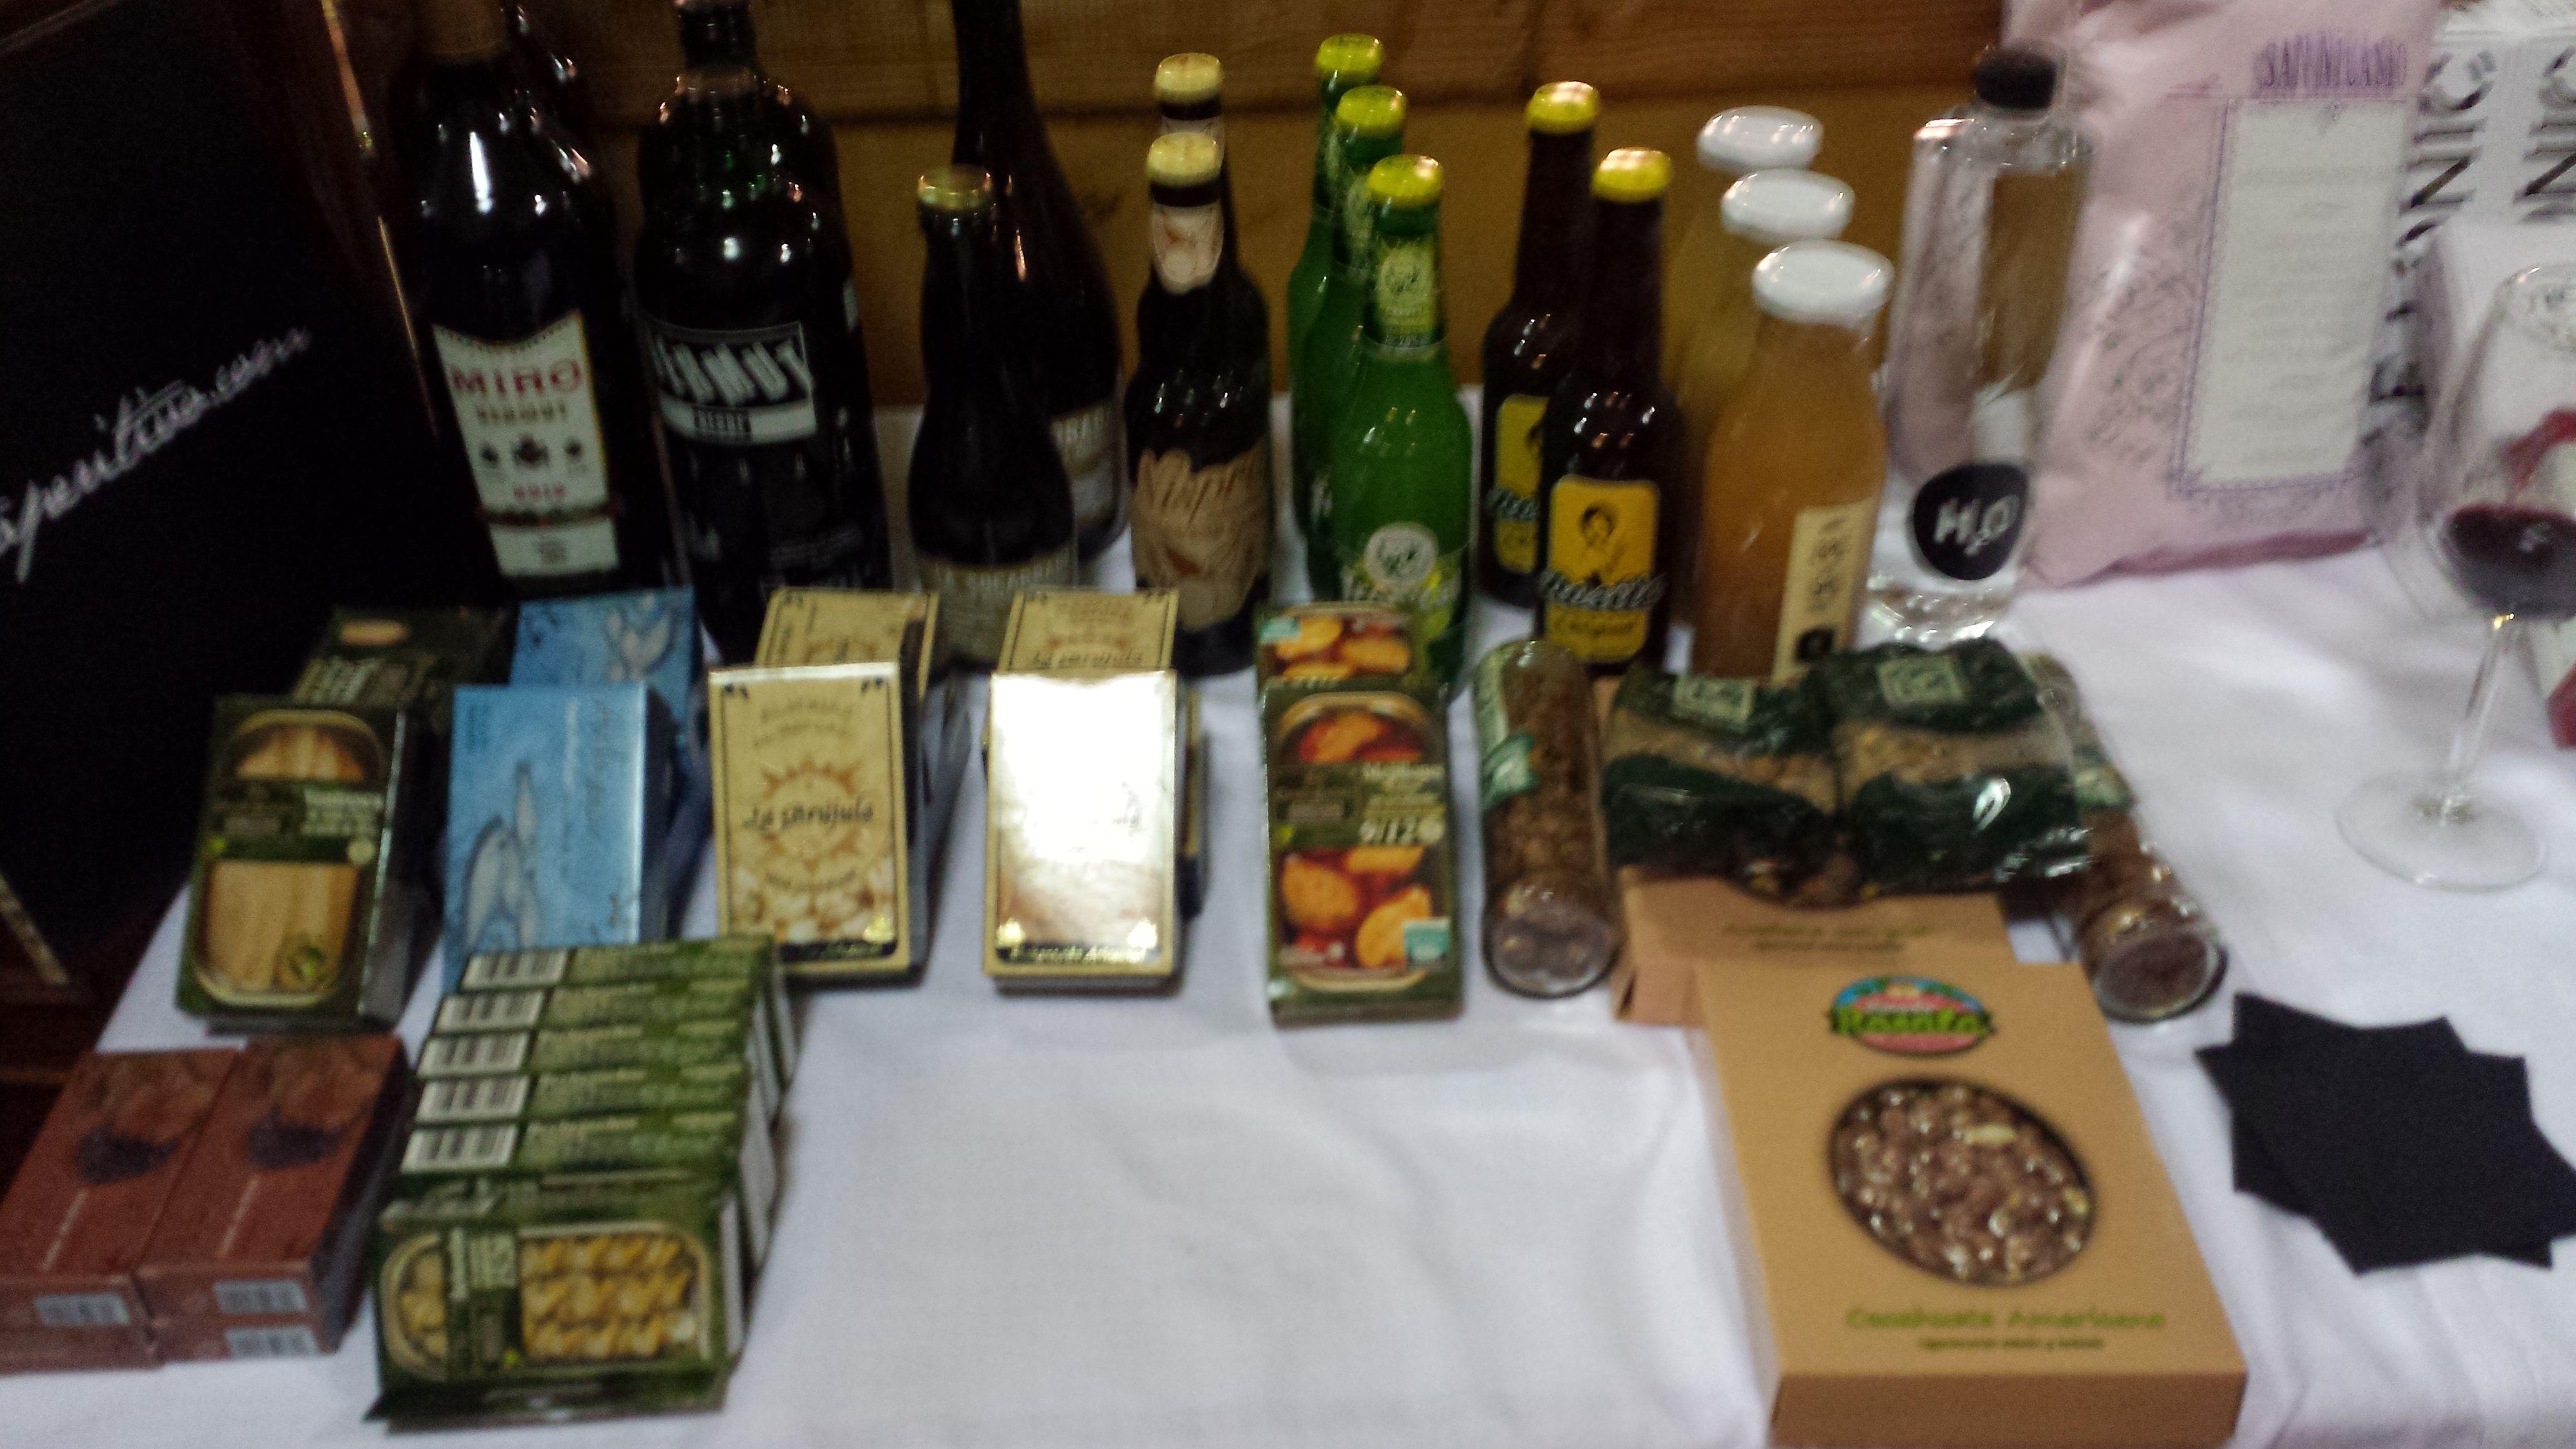 Evento Hermeneus de tuaperitivo.com  www.tuaperitivo.com